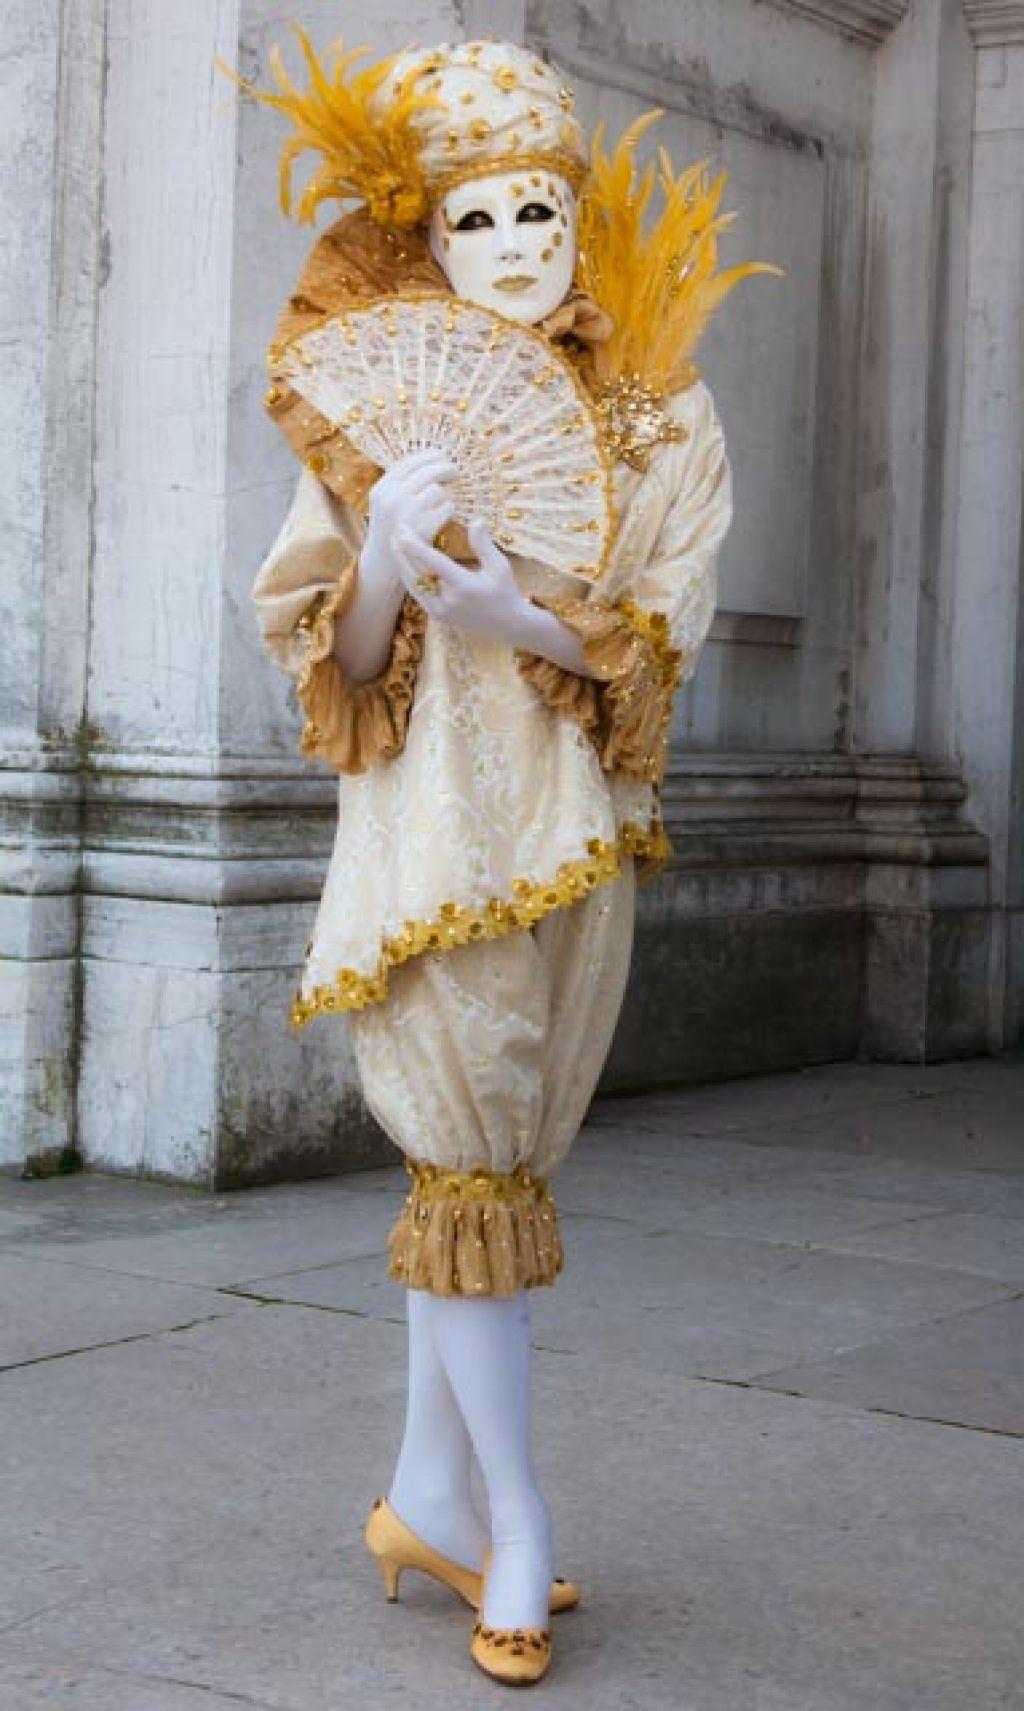 venice carnival6 Carnival Costumes at Santa Maria della Salute